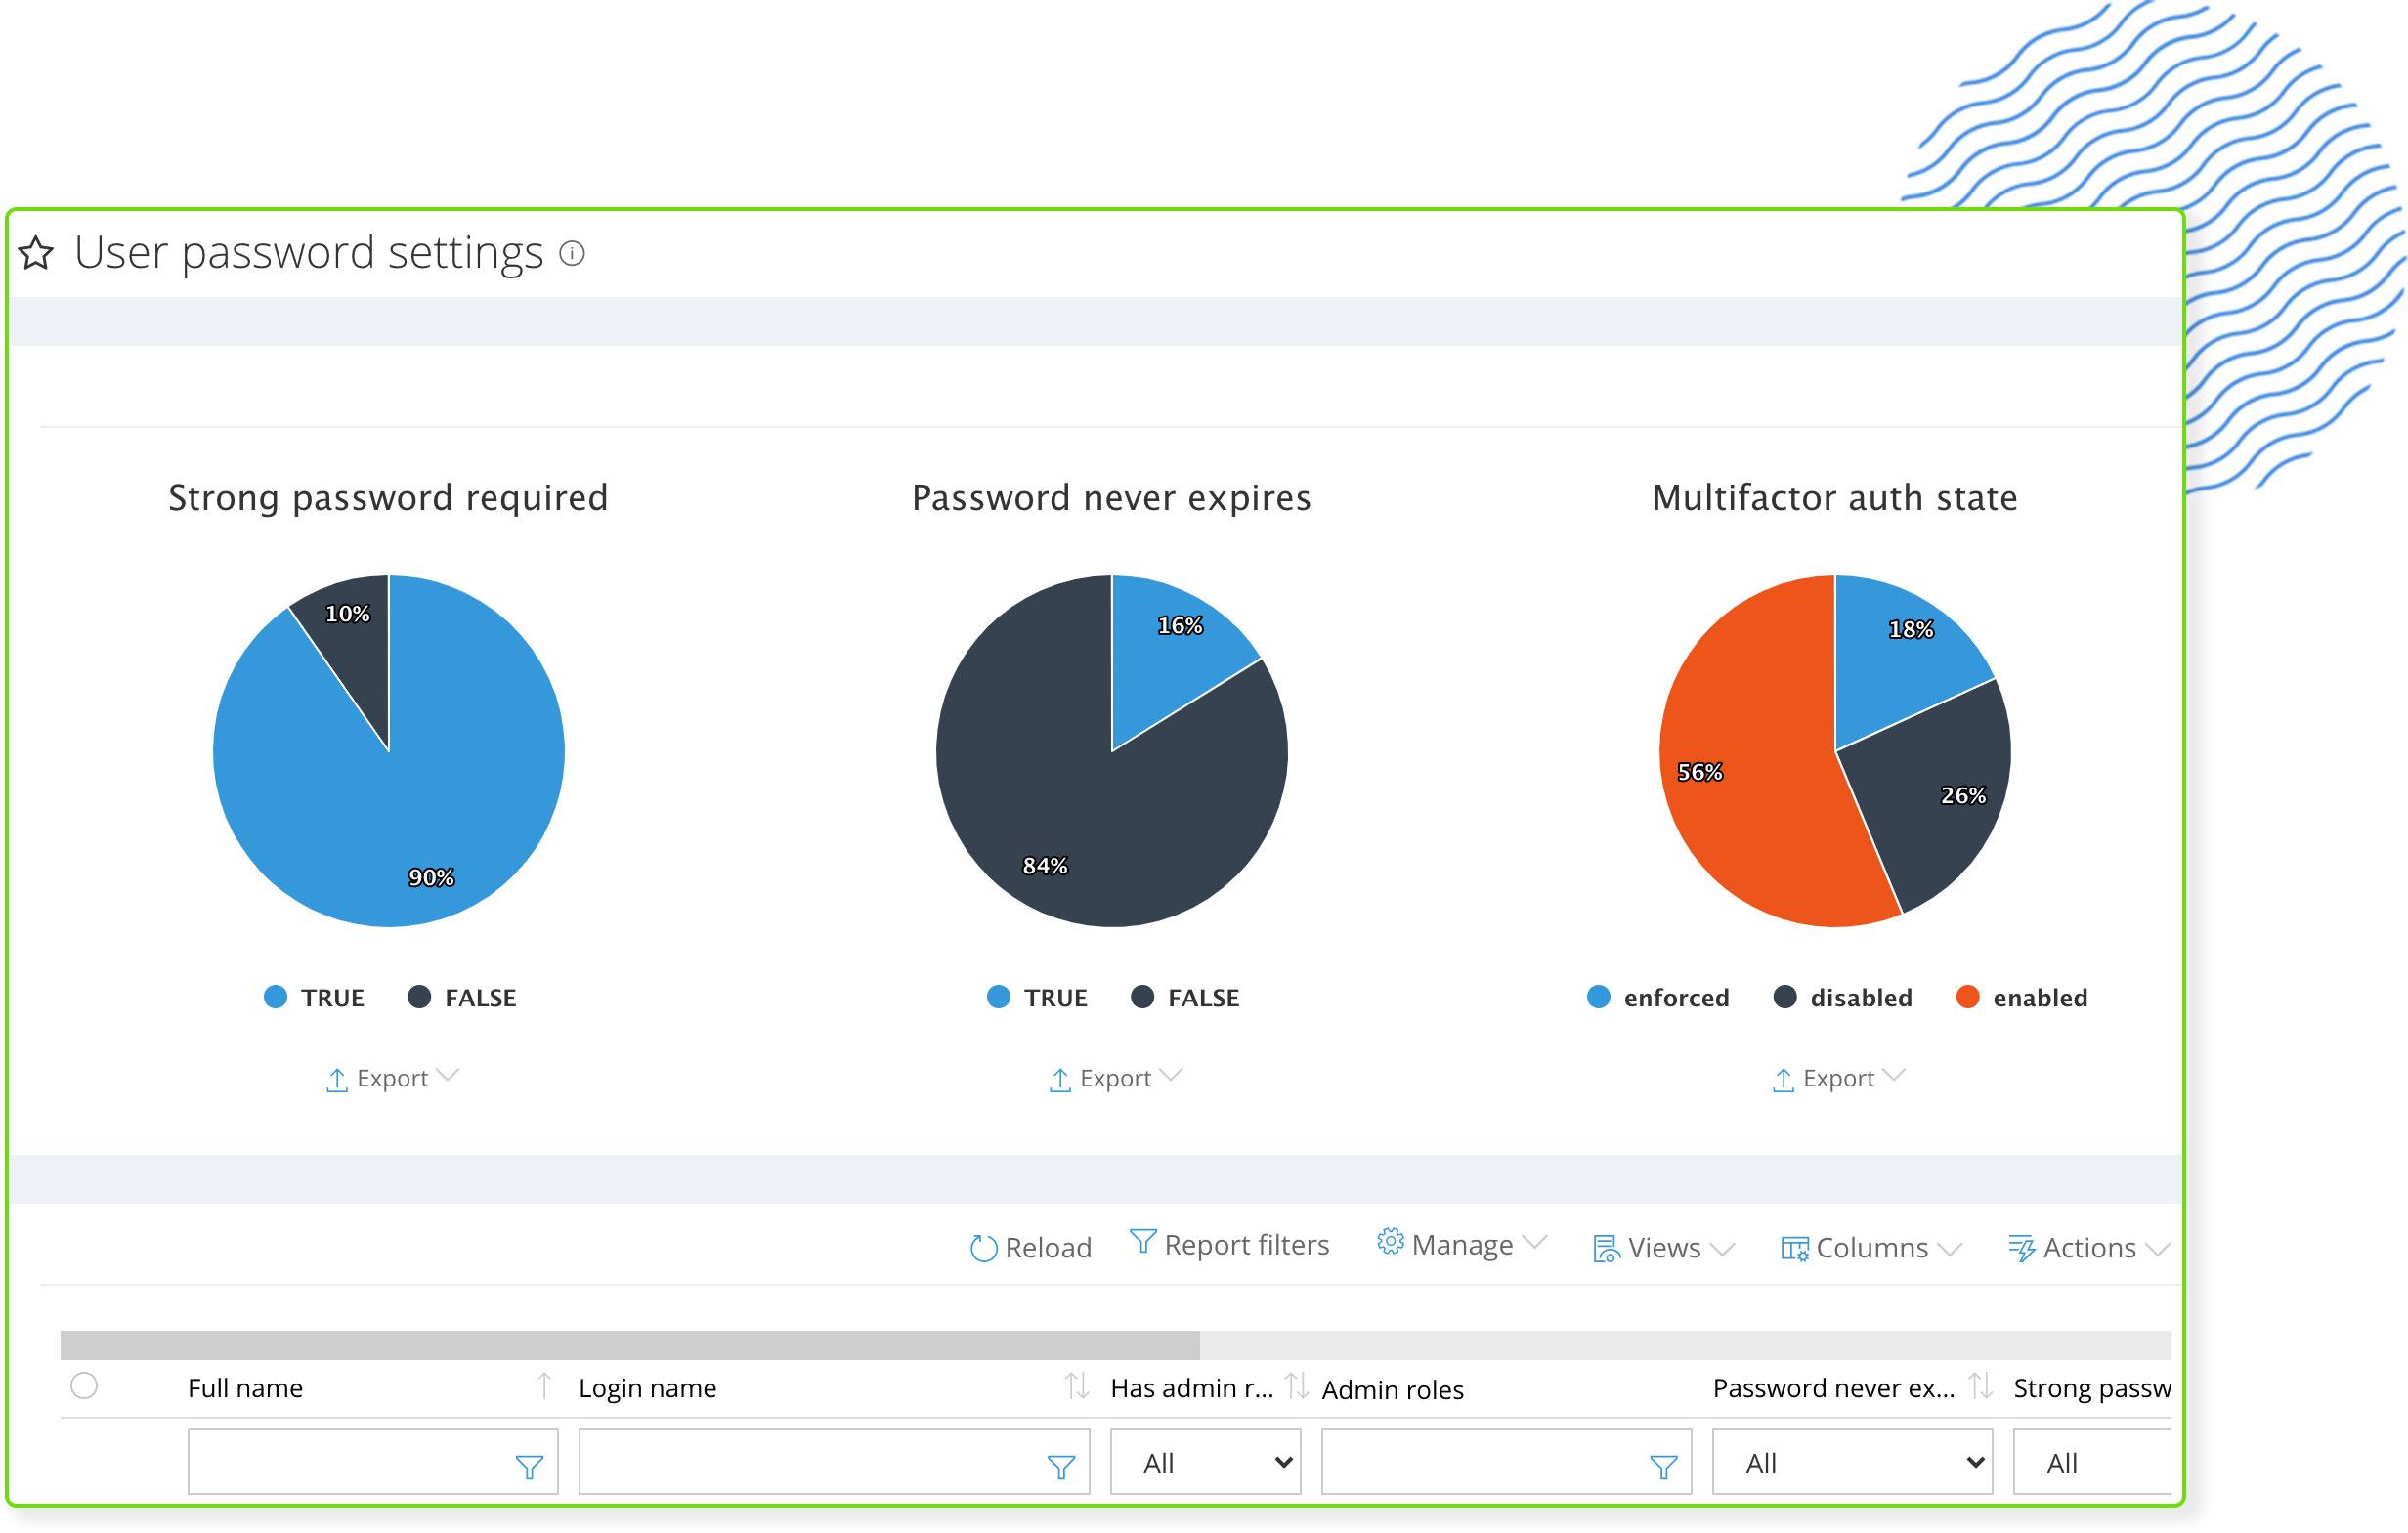 Screenshot of user password settings